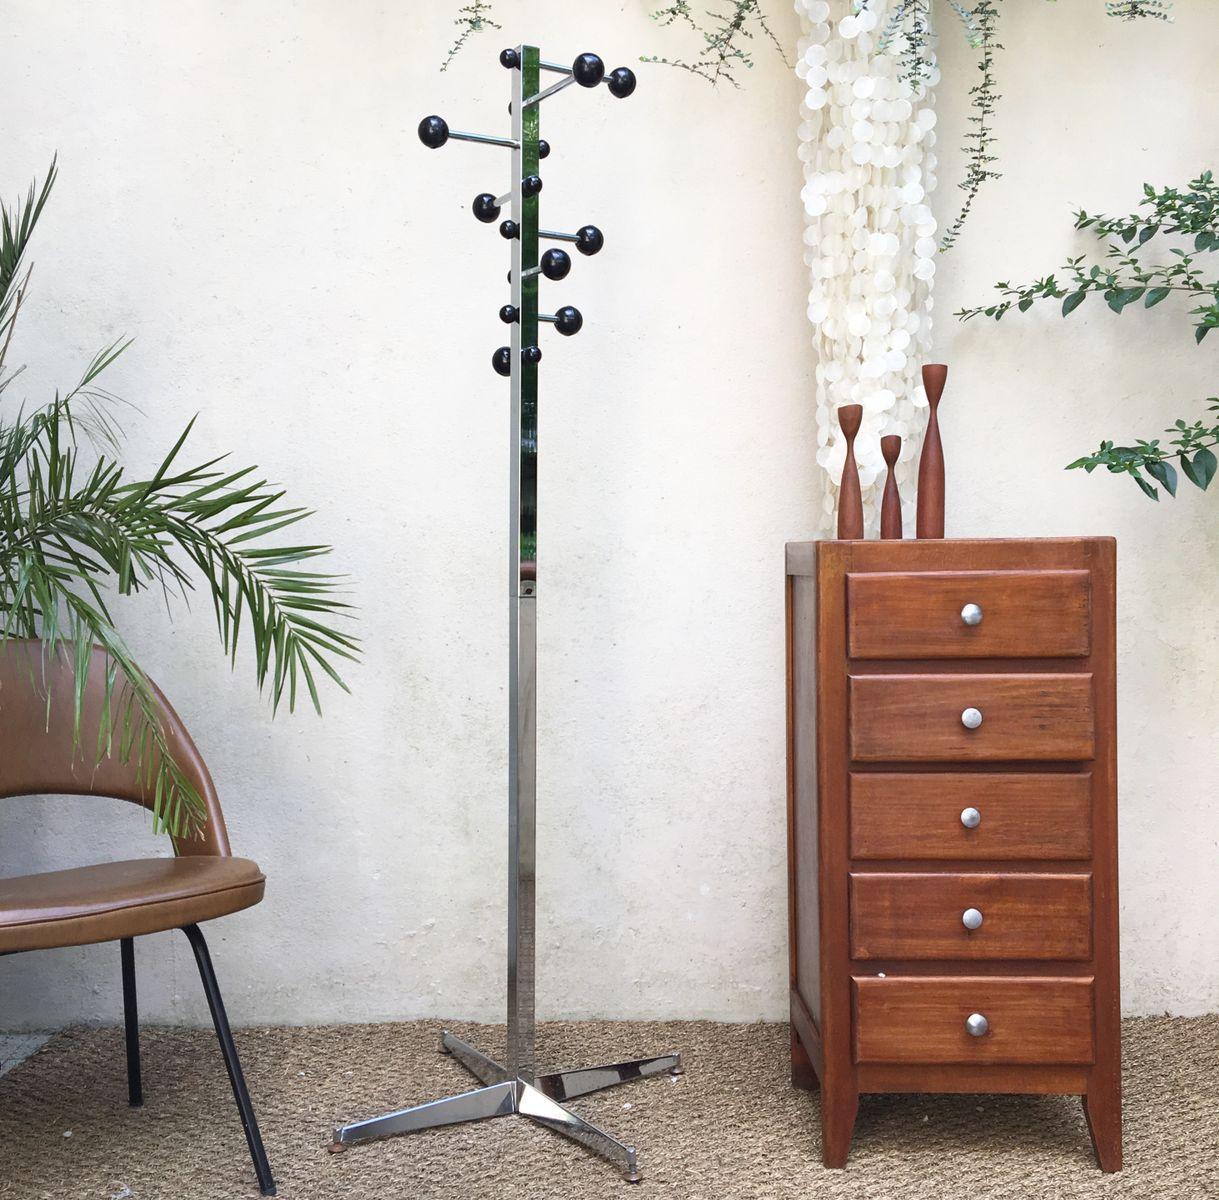 verchromter vintage garderobenst nder mit acht haken bei pamono kaufen. Black Bedroom Furniture Sets. Home Design Ideas